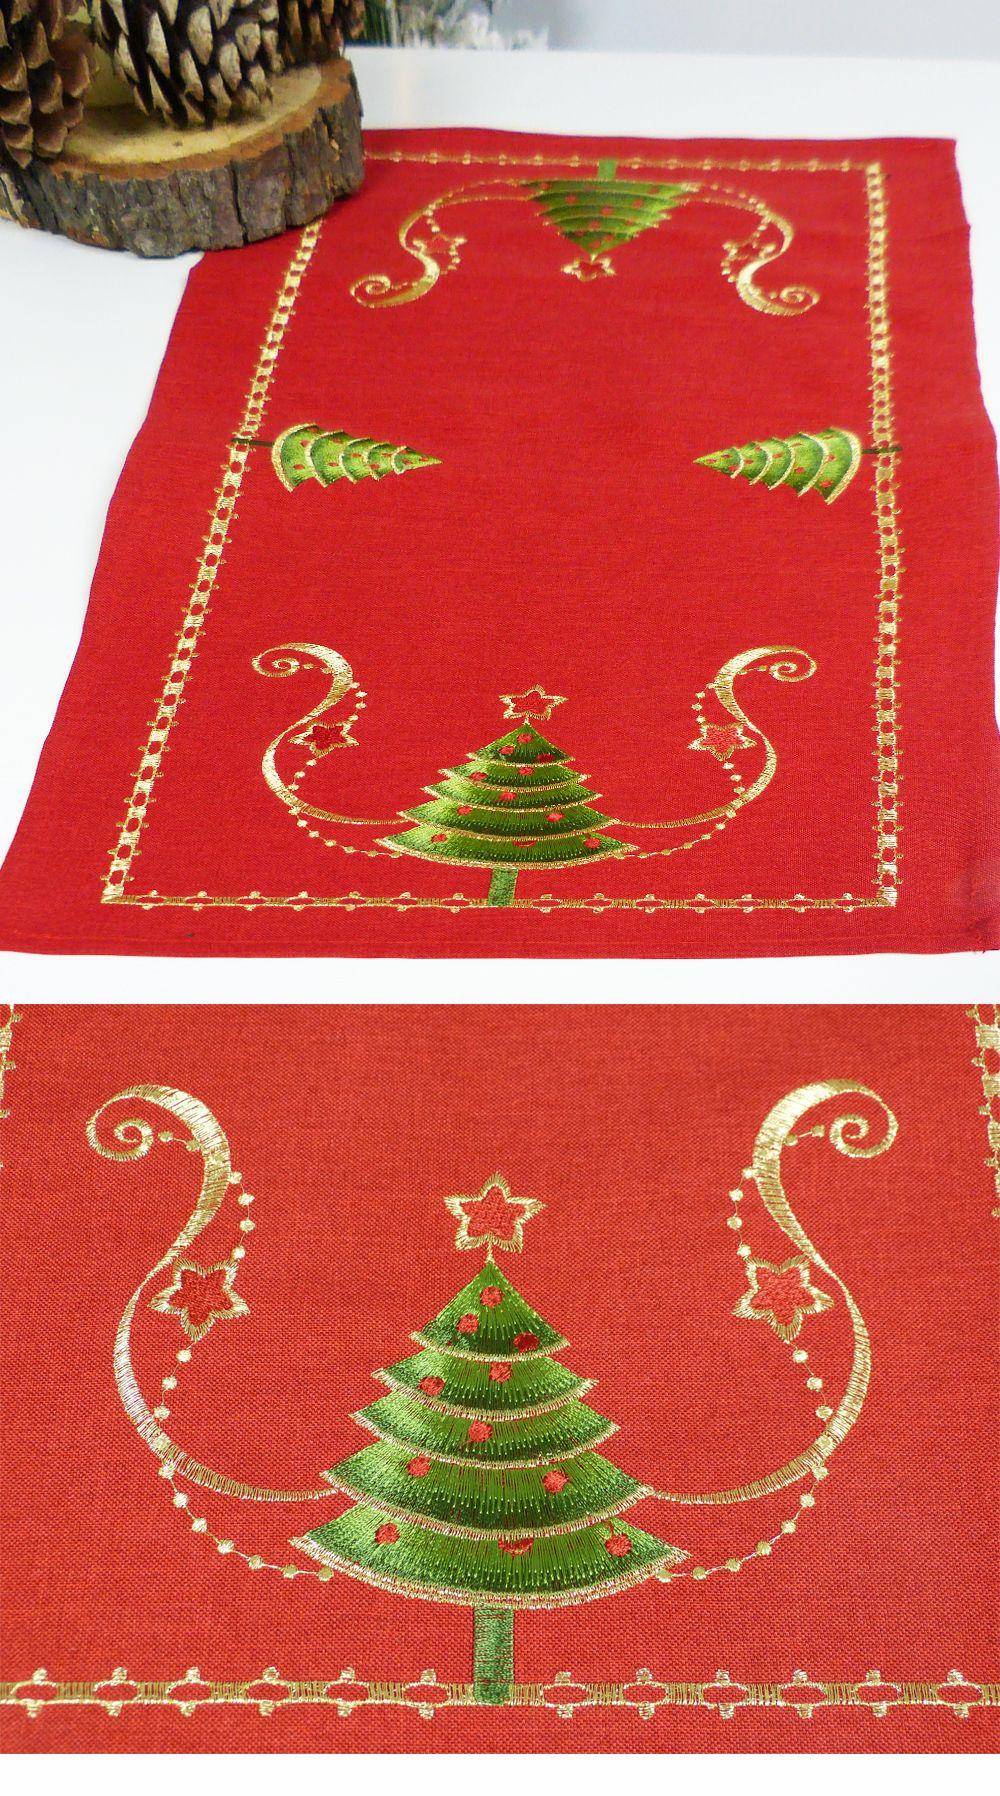 Bieznik Czerwony 35x70 Cm Swieta Boze Narodzenie 8605094754 Oficjalne Archiwum Allegro Christmas Tree Skirt Holiday Decor Christmas Tree